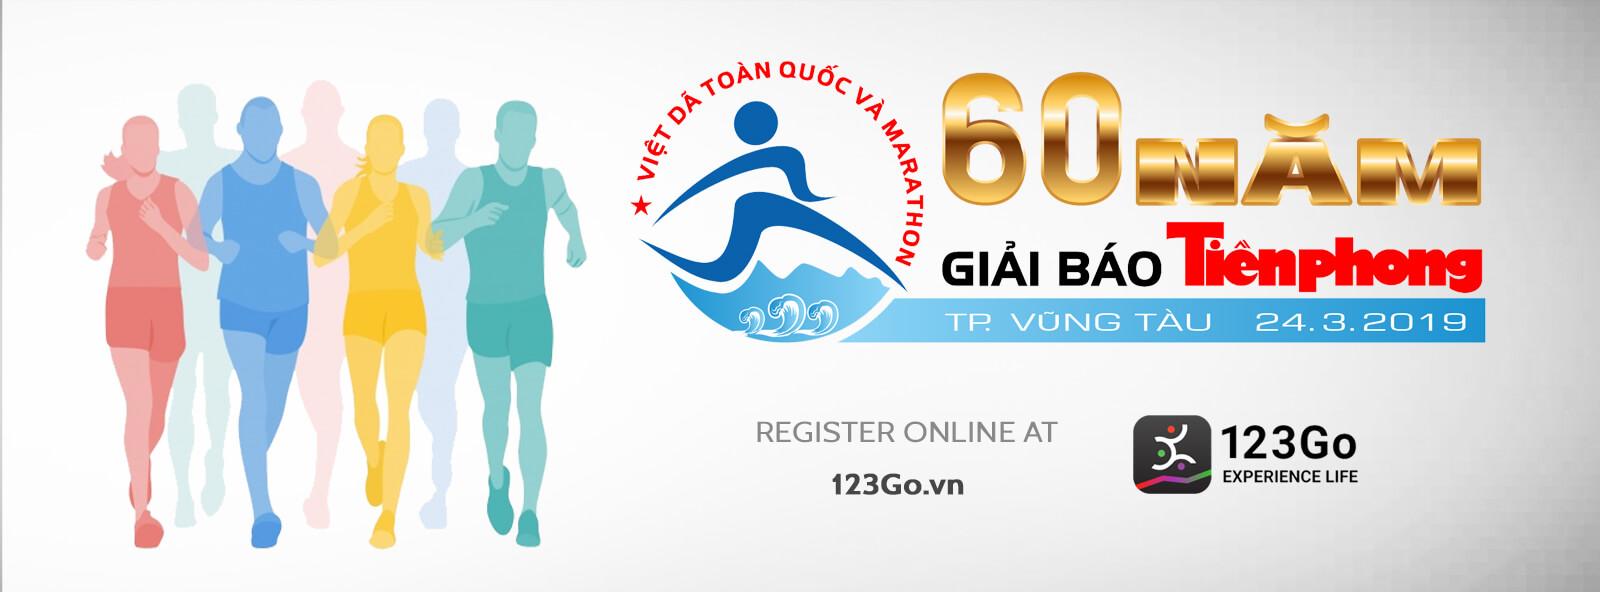 60 năm phiêu lưu cùng giải chạy Tiền Phong Marathon 2019